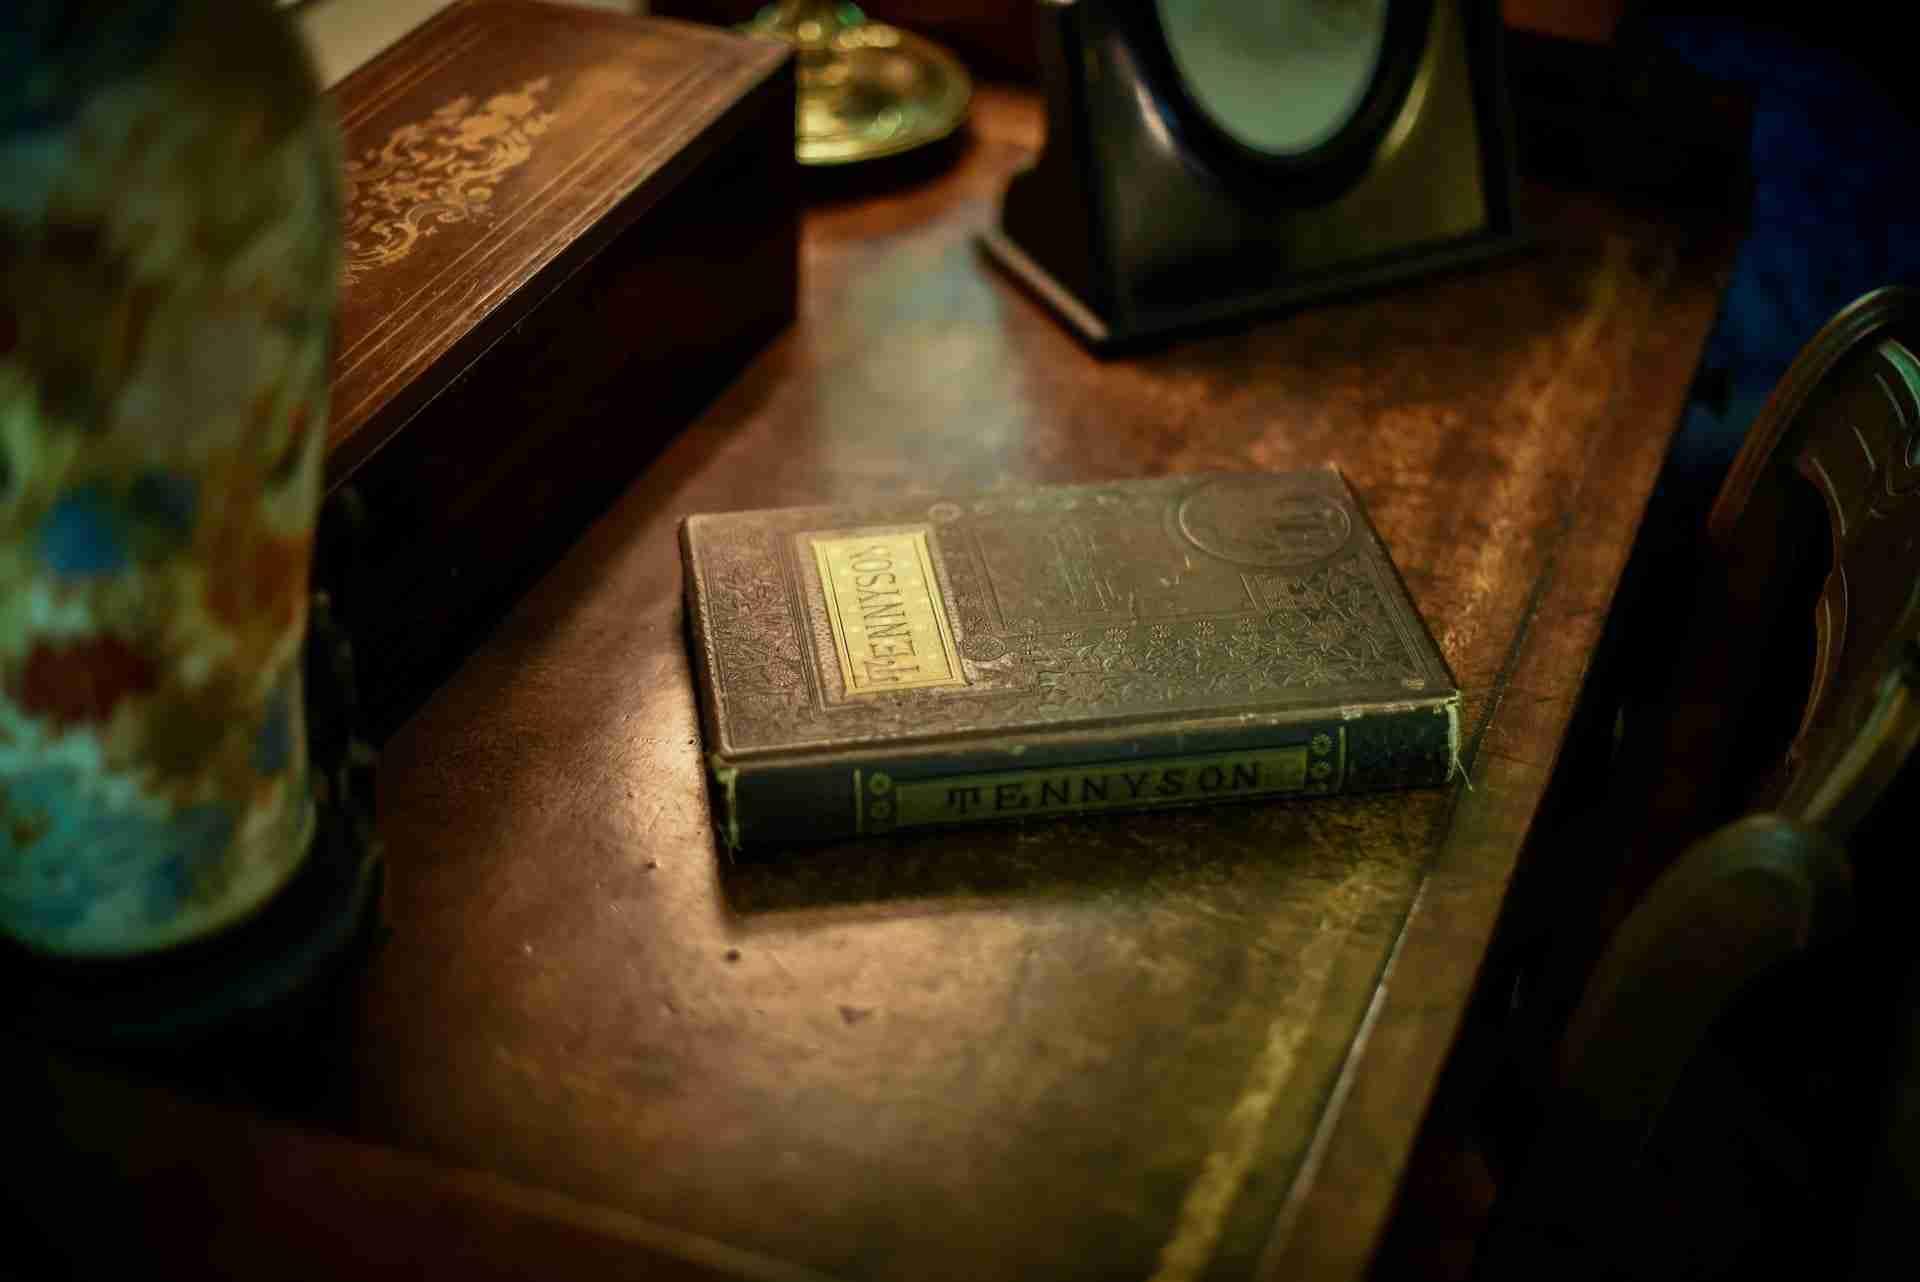 romanzo storico caratteristiche definizione